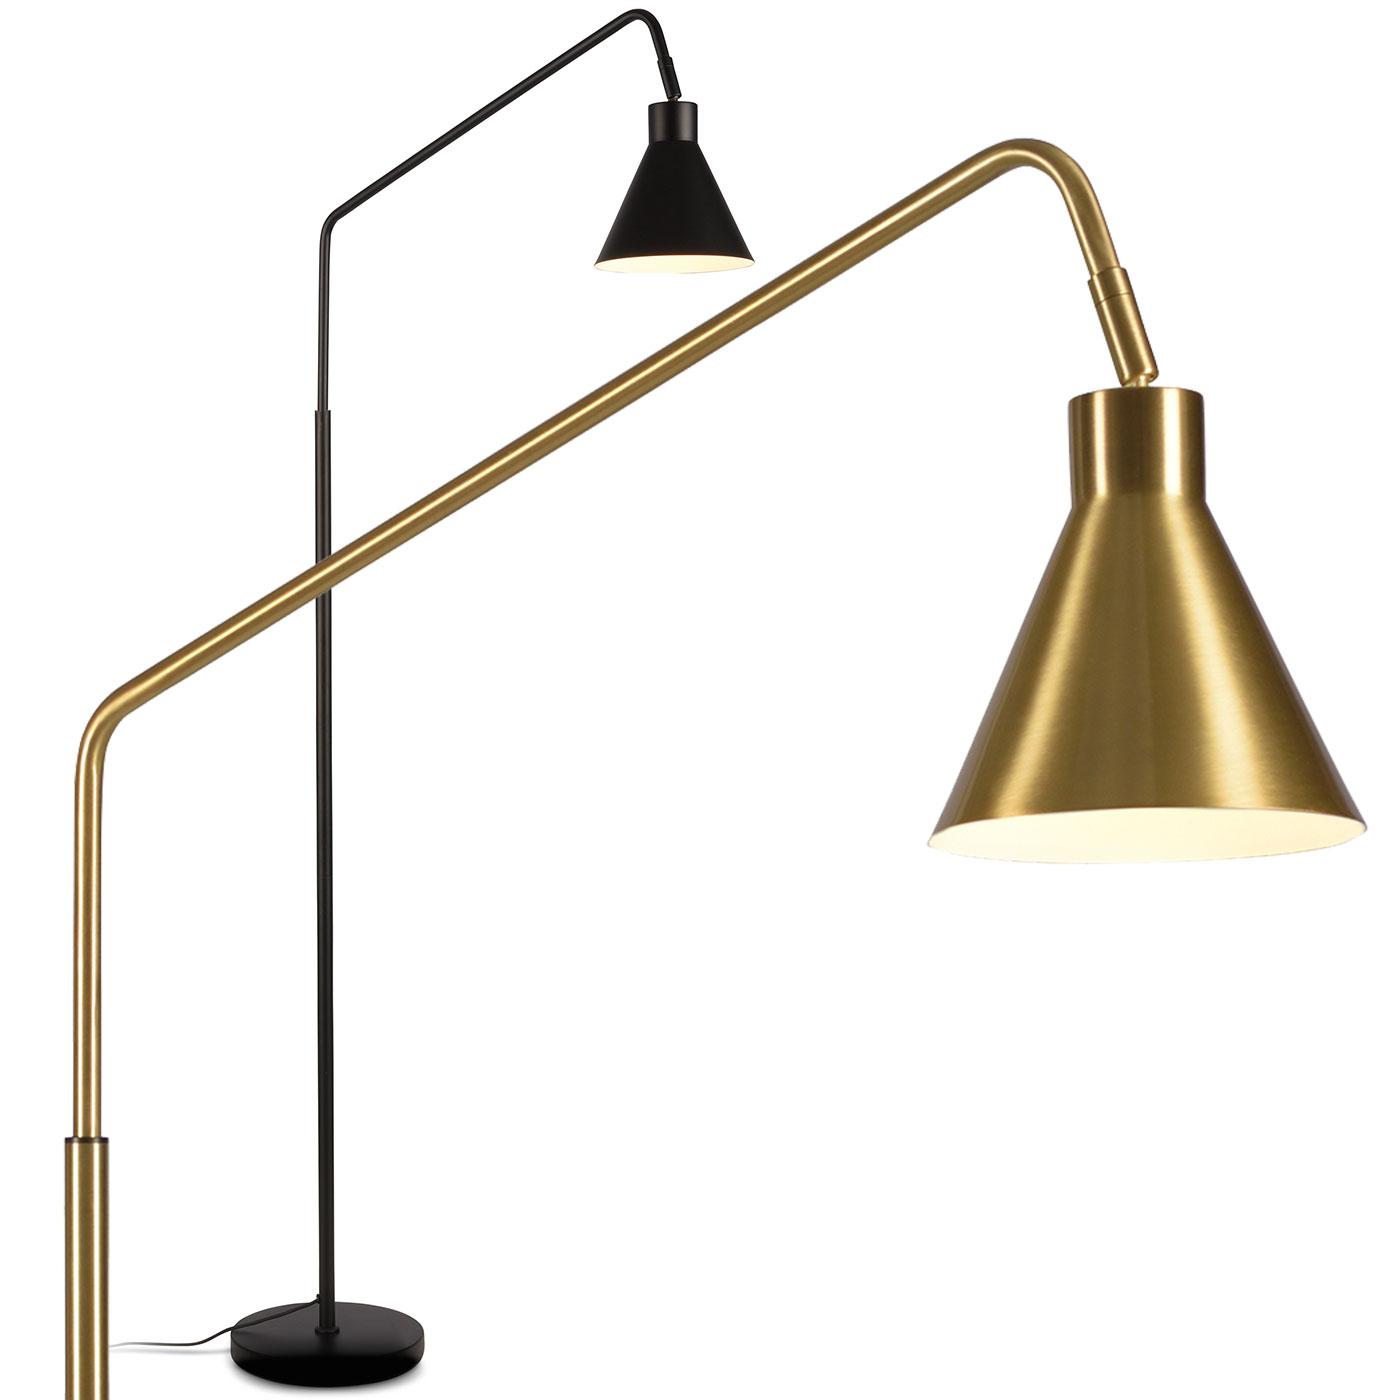 Lese Stehlampe Lyo Mit Langem Ausleger Schwarz Oder Gold Casa Lumi